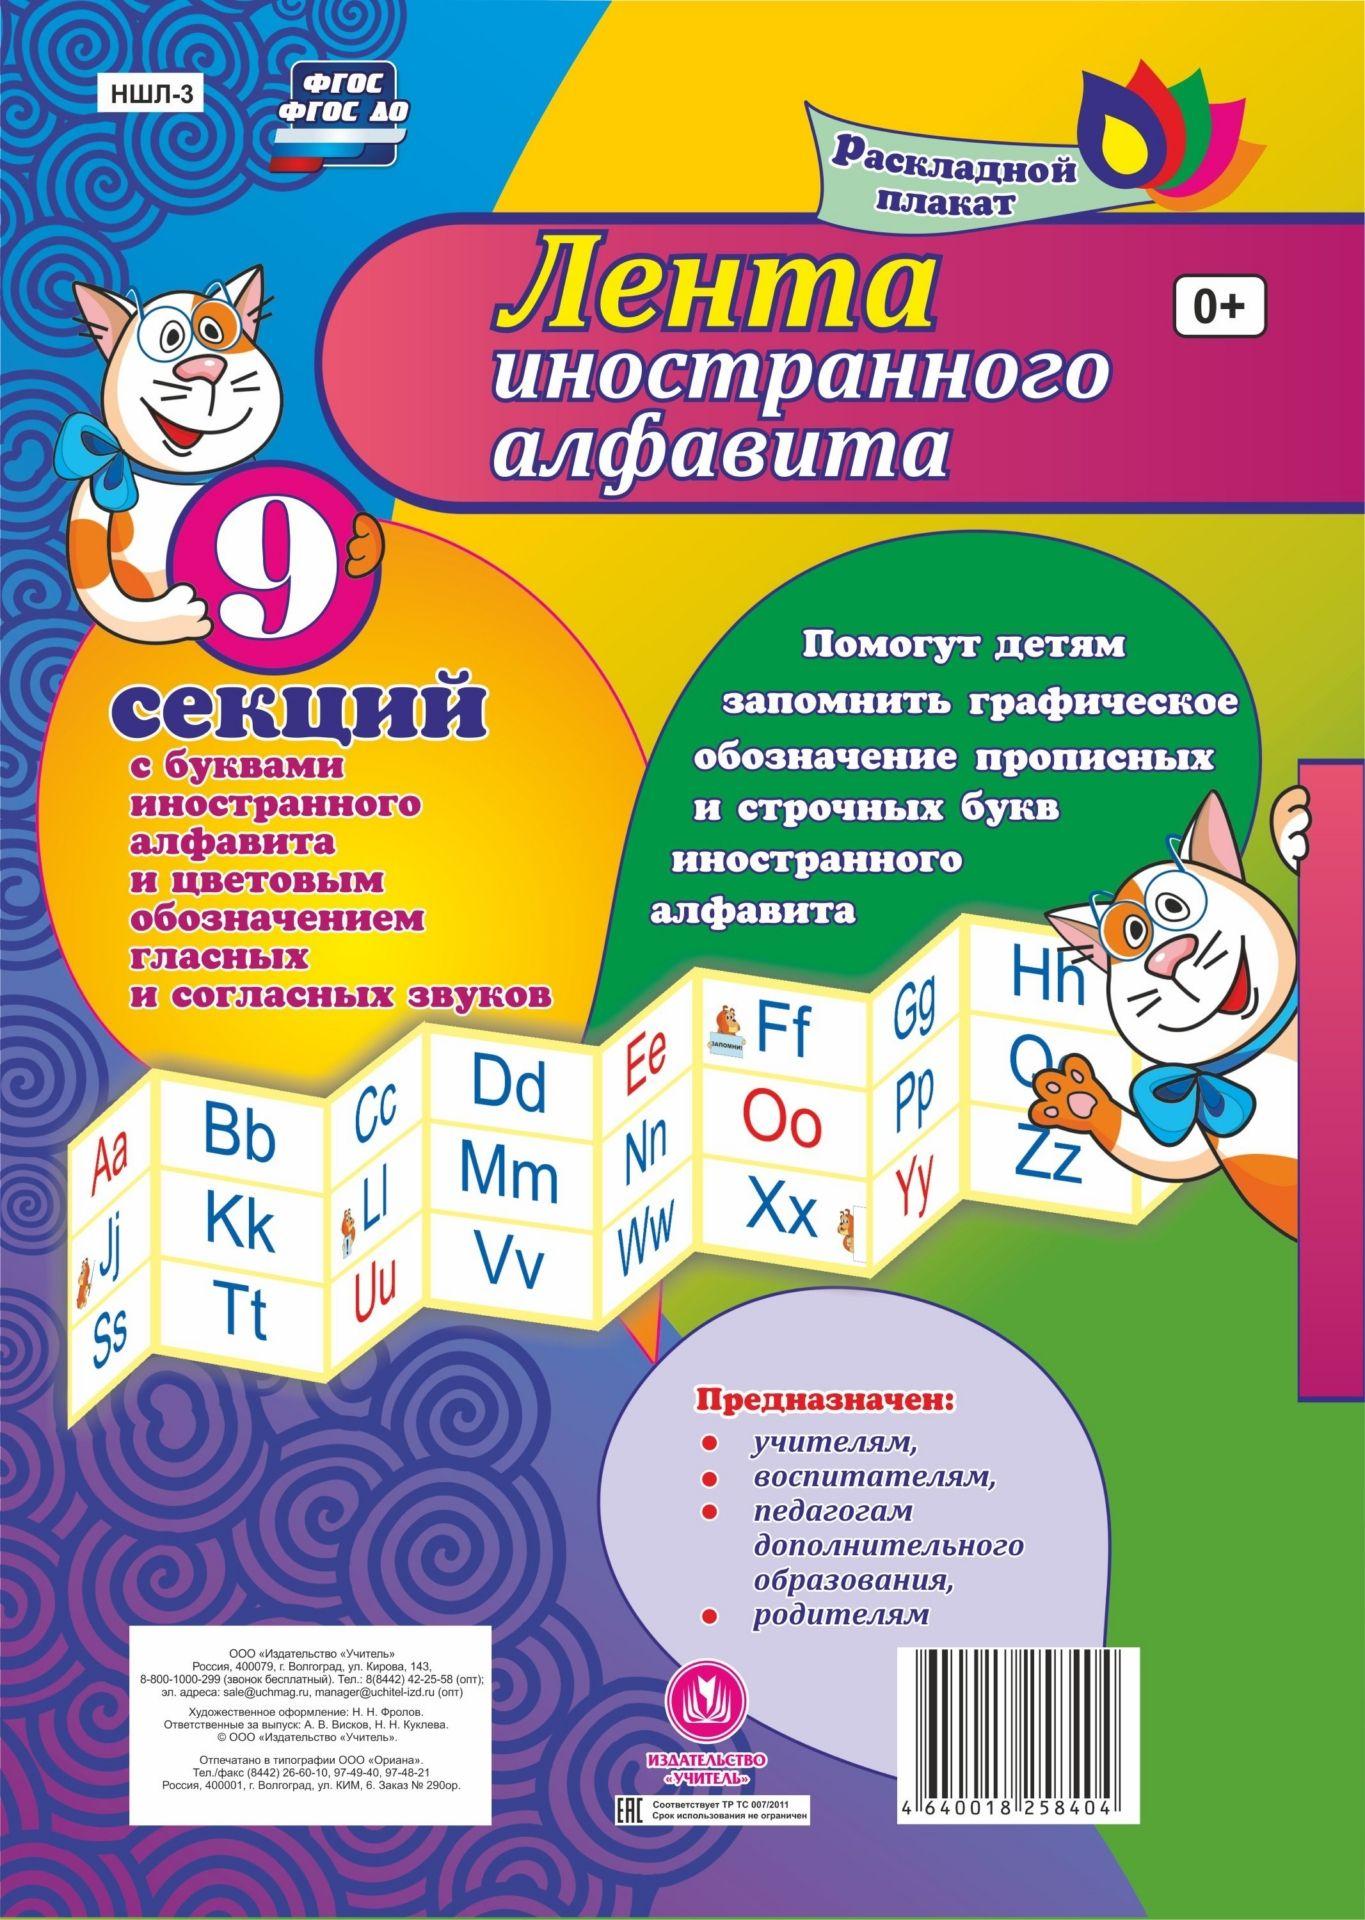 Купить со скидкой Лента иностранного алфавита: с буквами иностранного алфавита и цветовым обозначением гласных и согла